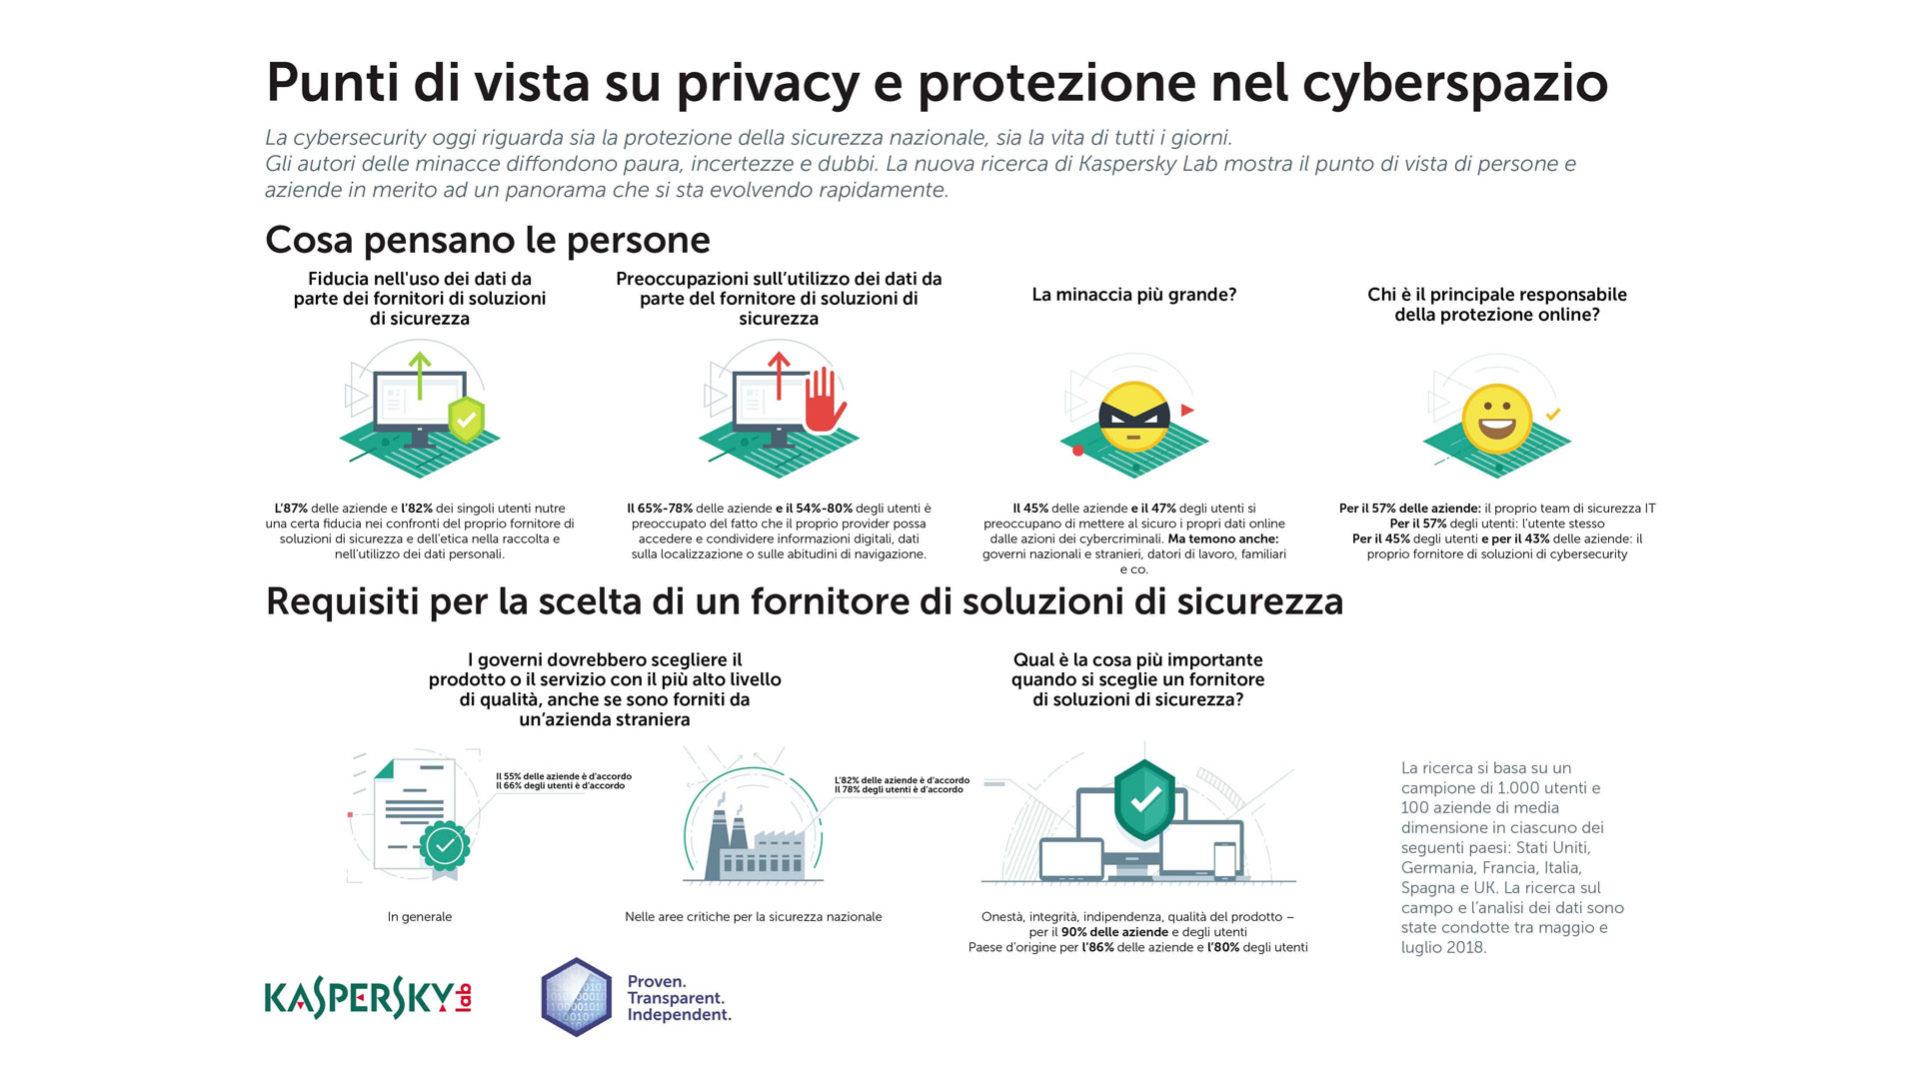 Infografica: Punti di vista su privacy e protezione nel cyberspazio